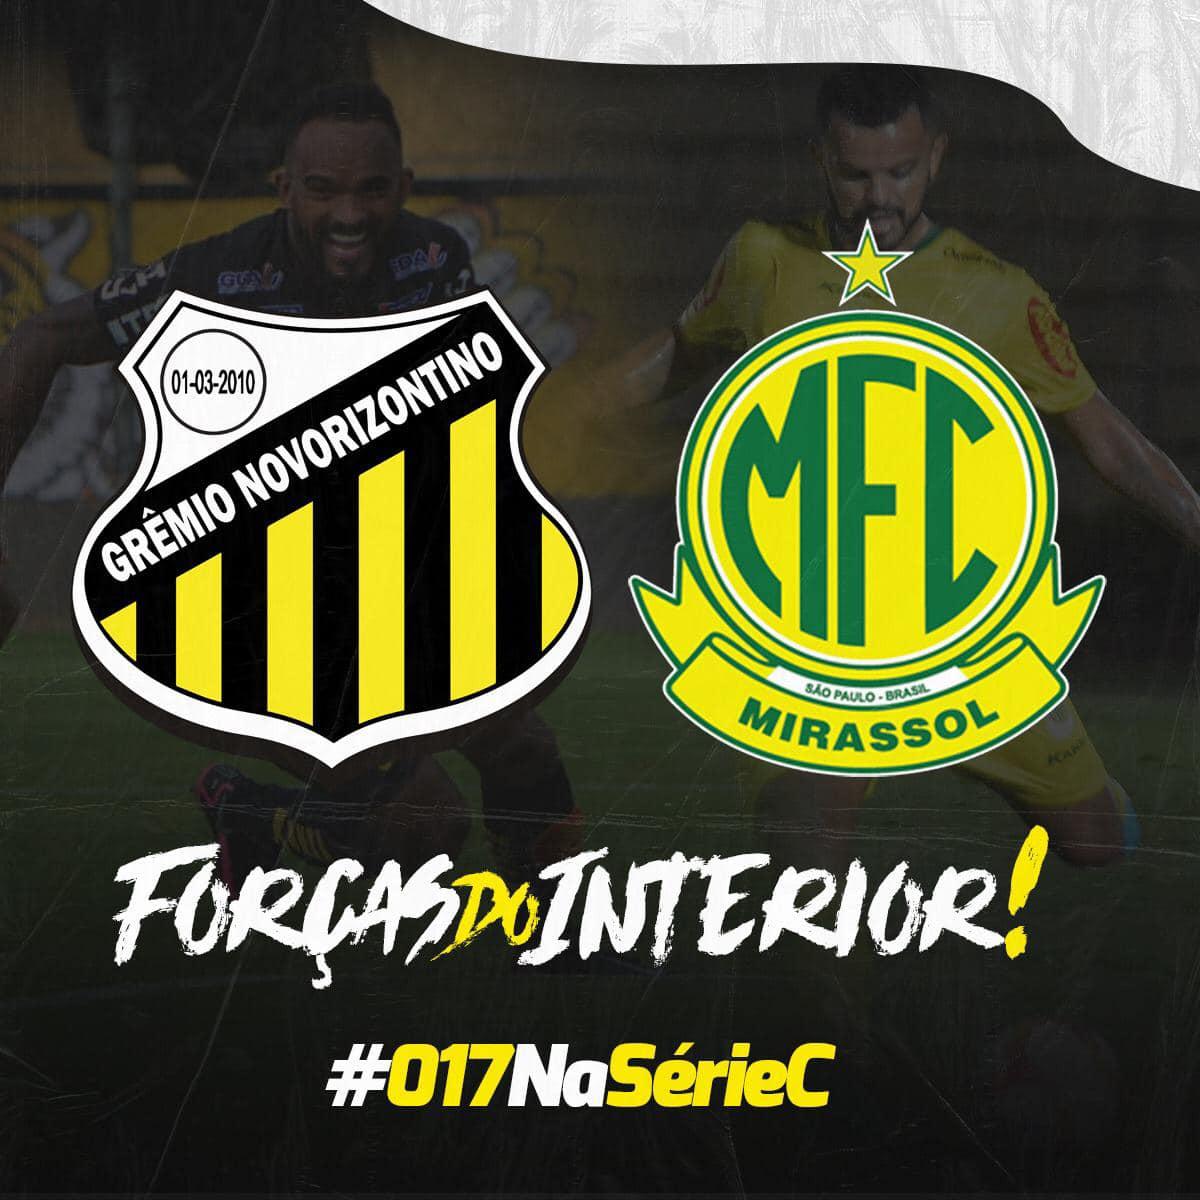 O projeto que leva ao acesso: Mirassol e Grêmio Novorizontino sobem de divisão graças à base